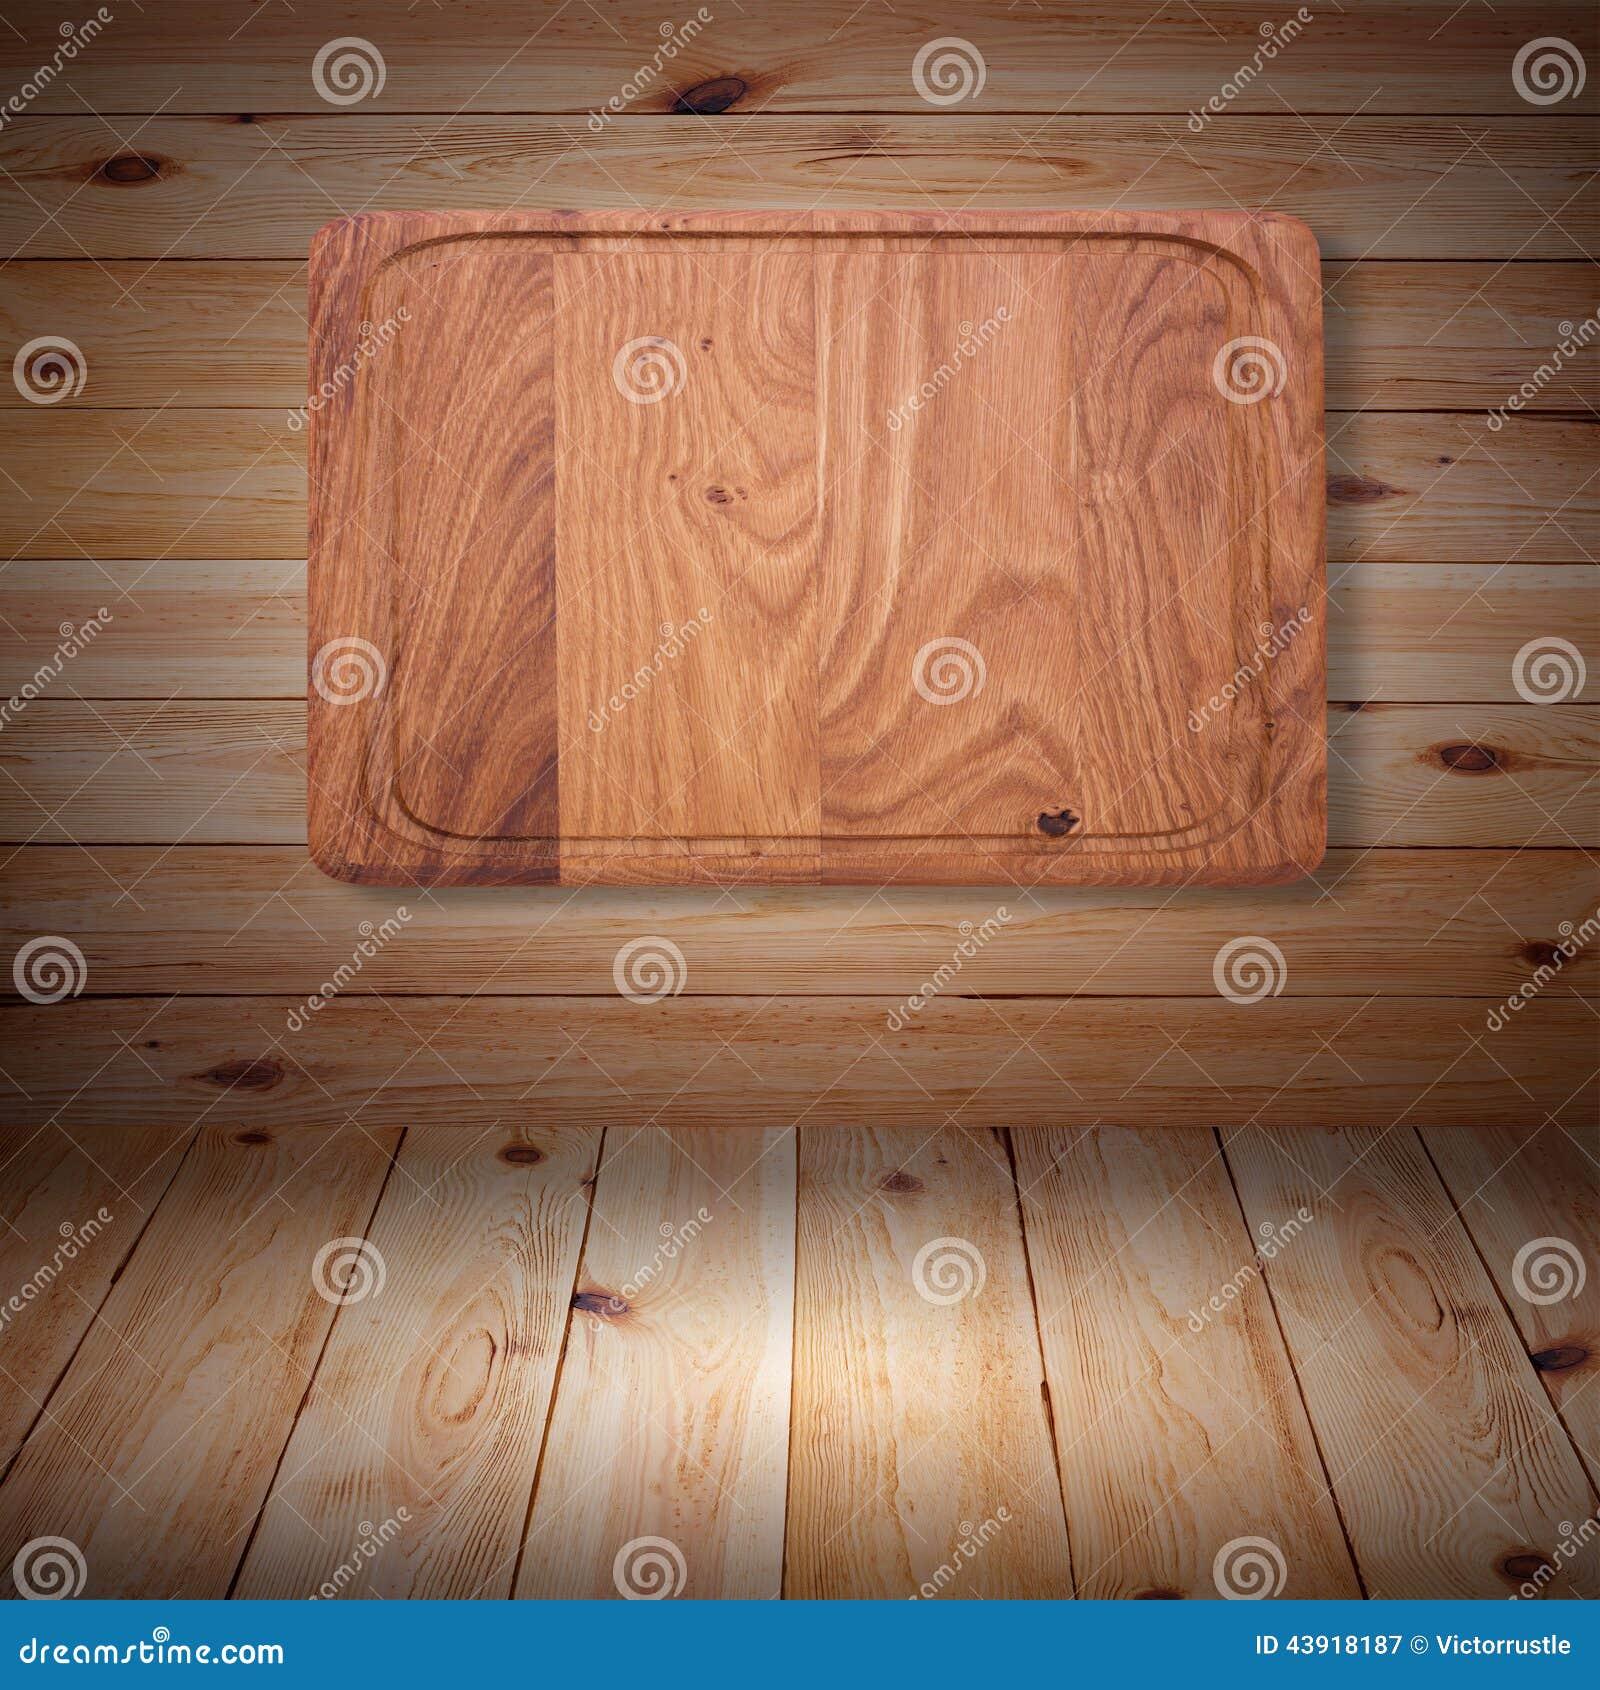 Textura de madera cierre de madera de la tabla de cortar - Cierres de madera ...